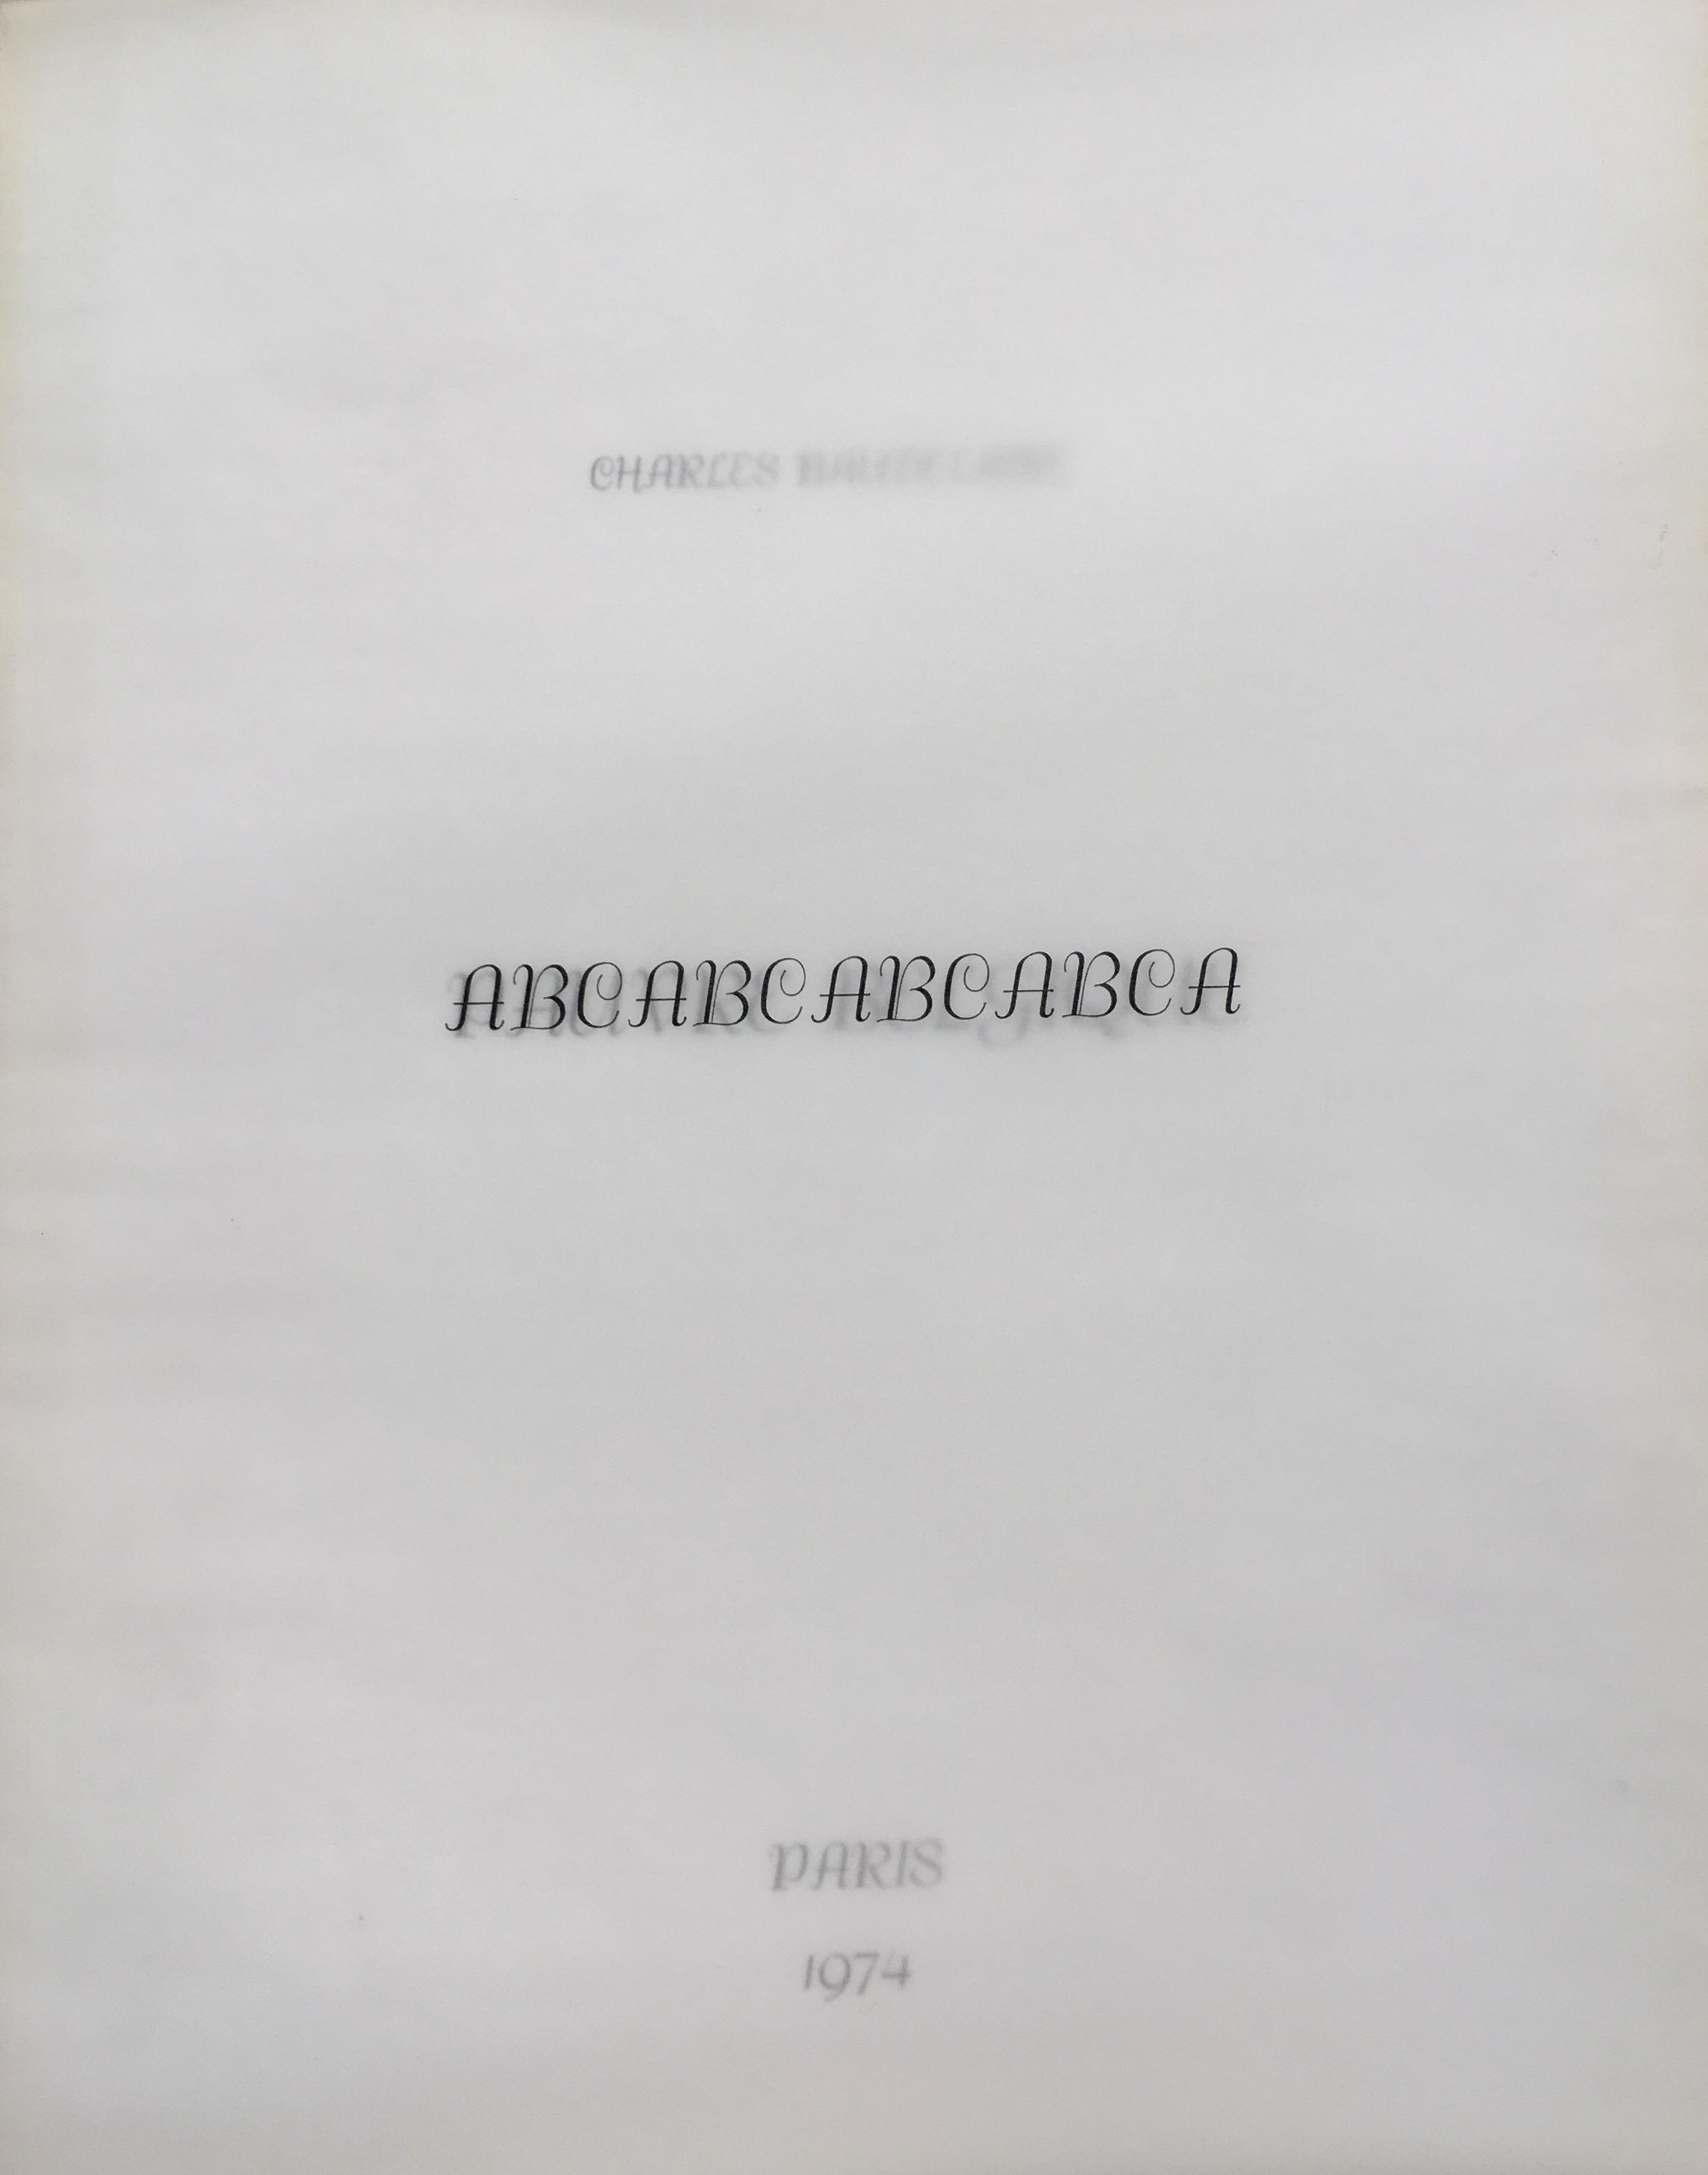 Vente Art Moderne, Photographie, Editions Originales et Autographes chez Les Ventes Ferraton – Damien Voglaire : 559 lots